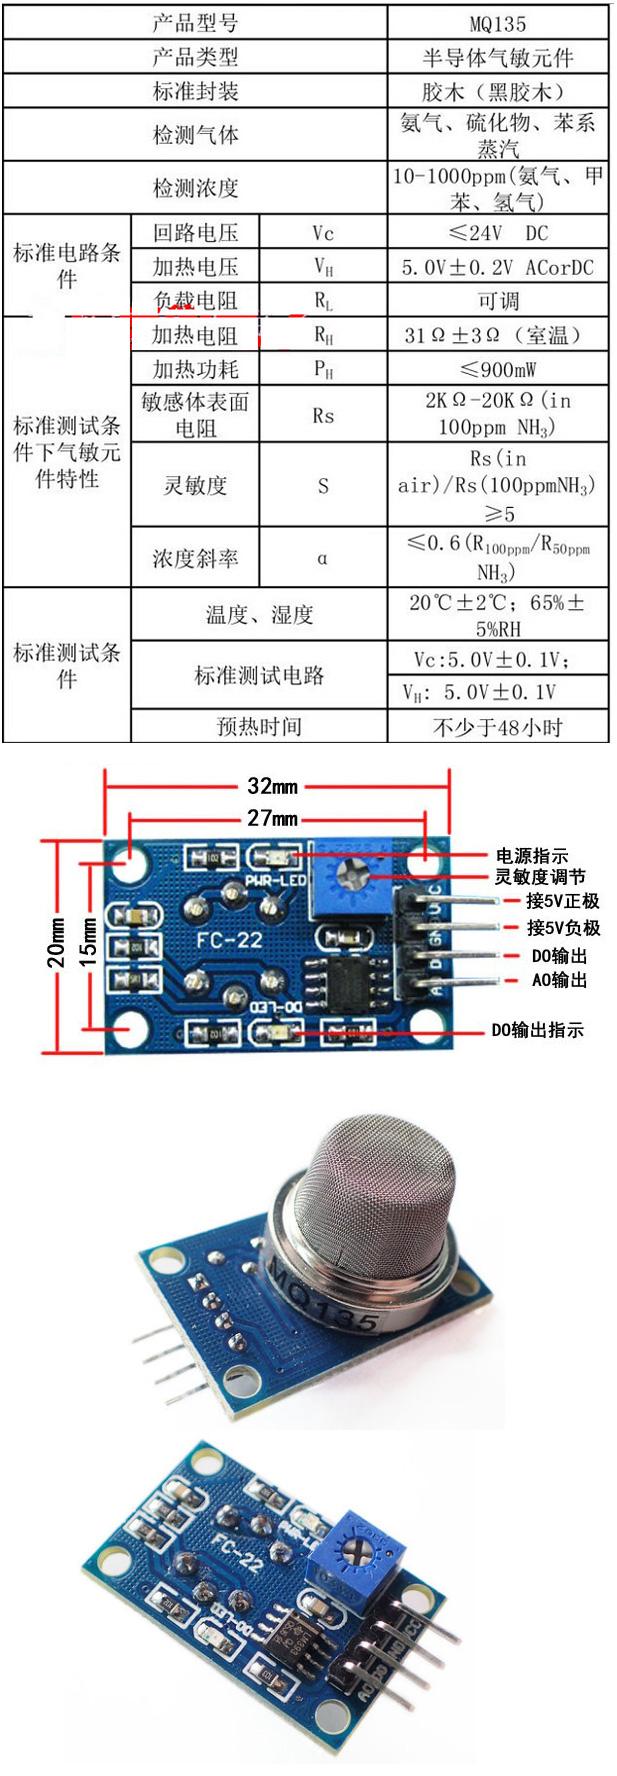 mq-135 有害气体传感器模组